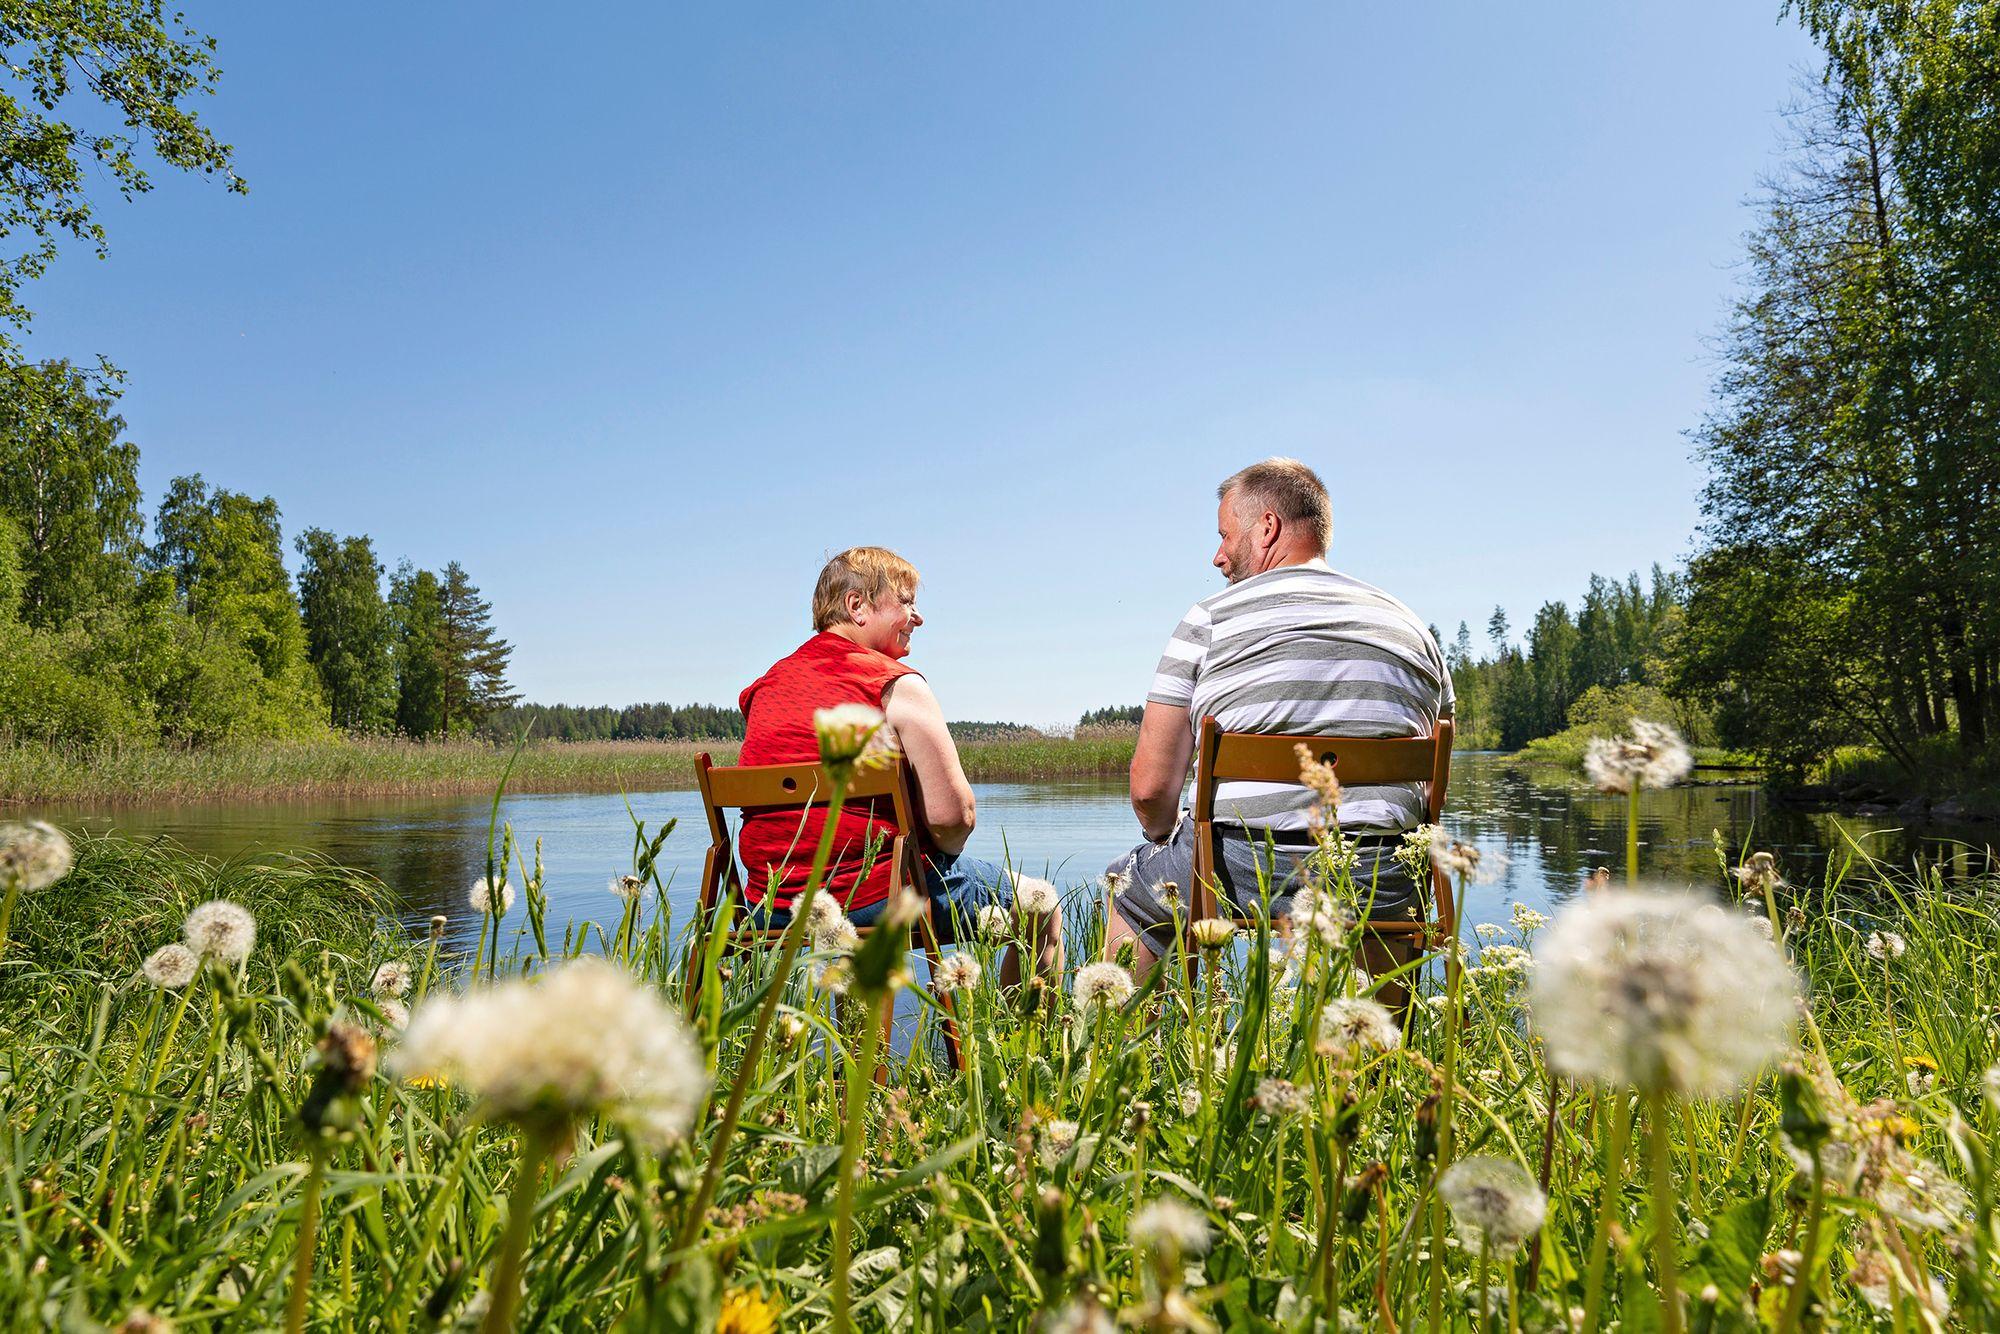 Kalastushimo vei Kolarit aikoinaan asuntoautoilijoiksi ja vaeltajiksi. © Petri Jauhiainen